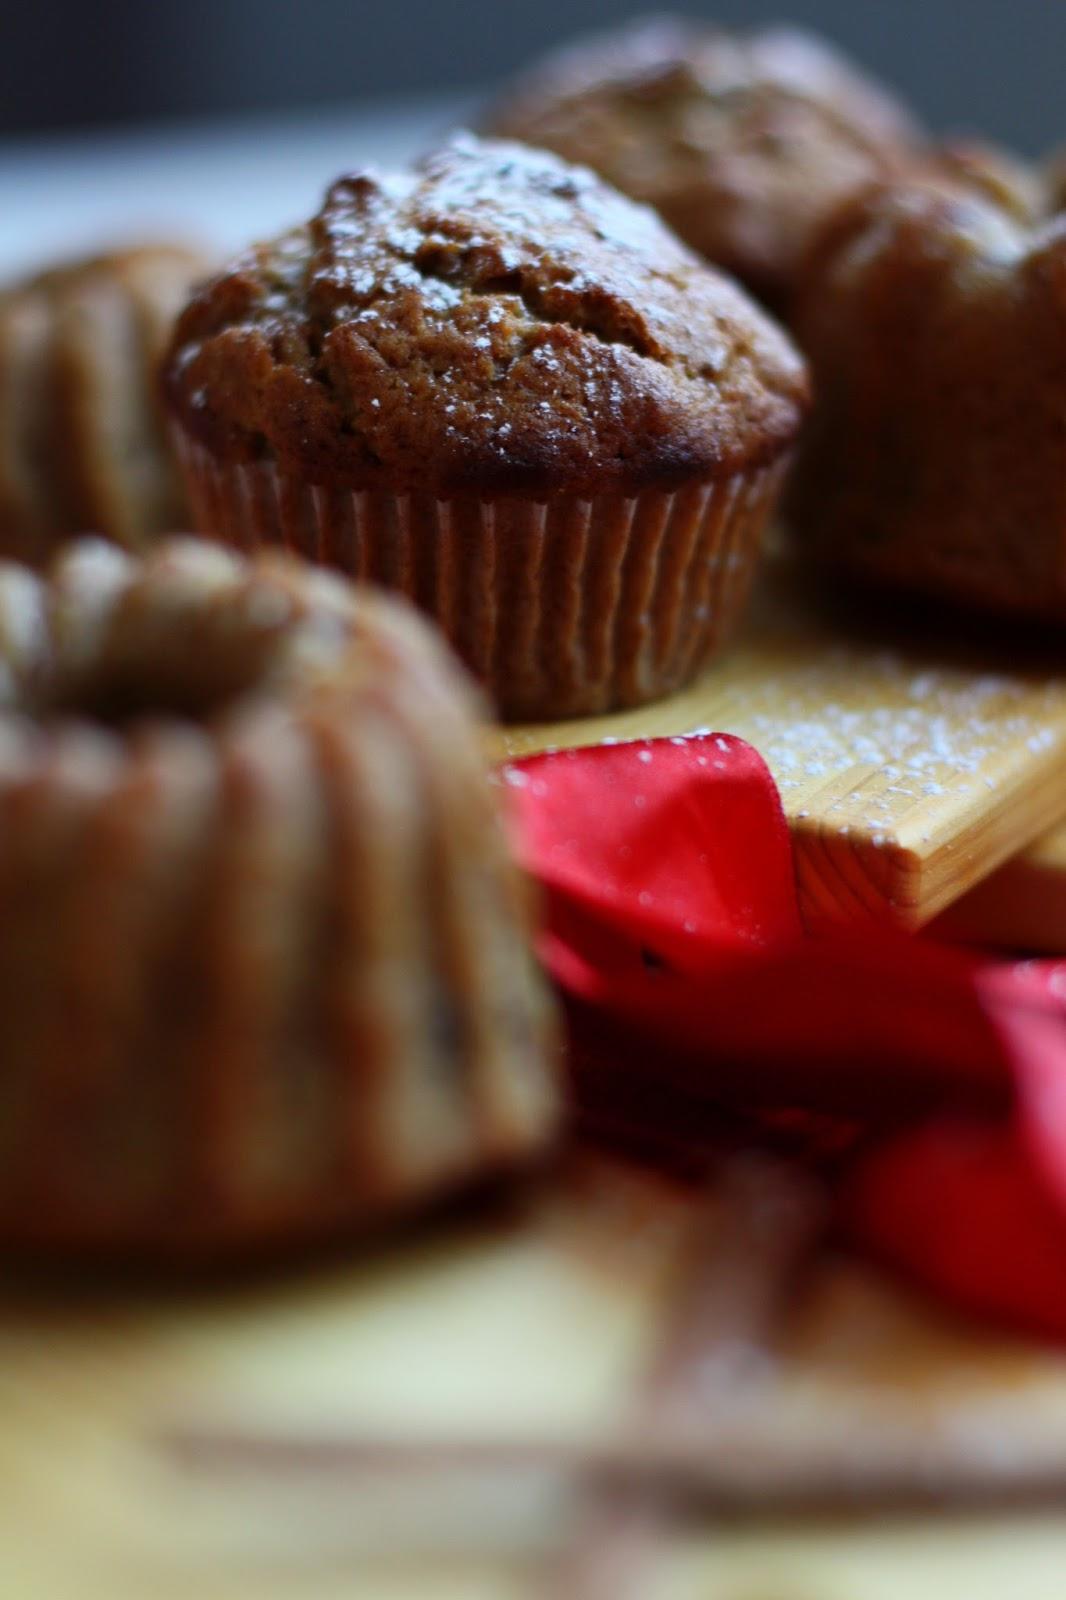 taatelimuffinssit taateli muffinssi joulu leivonta mallaspulla